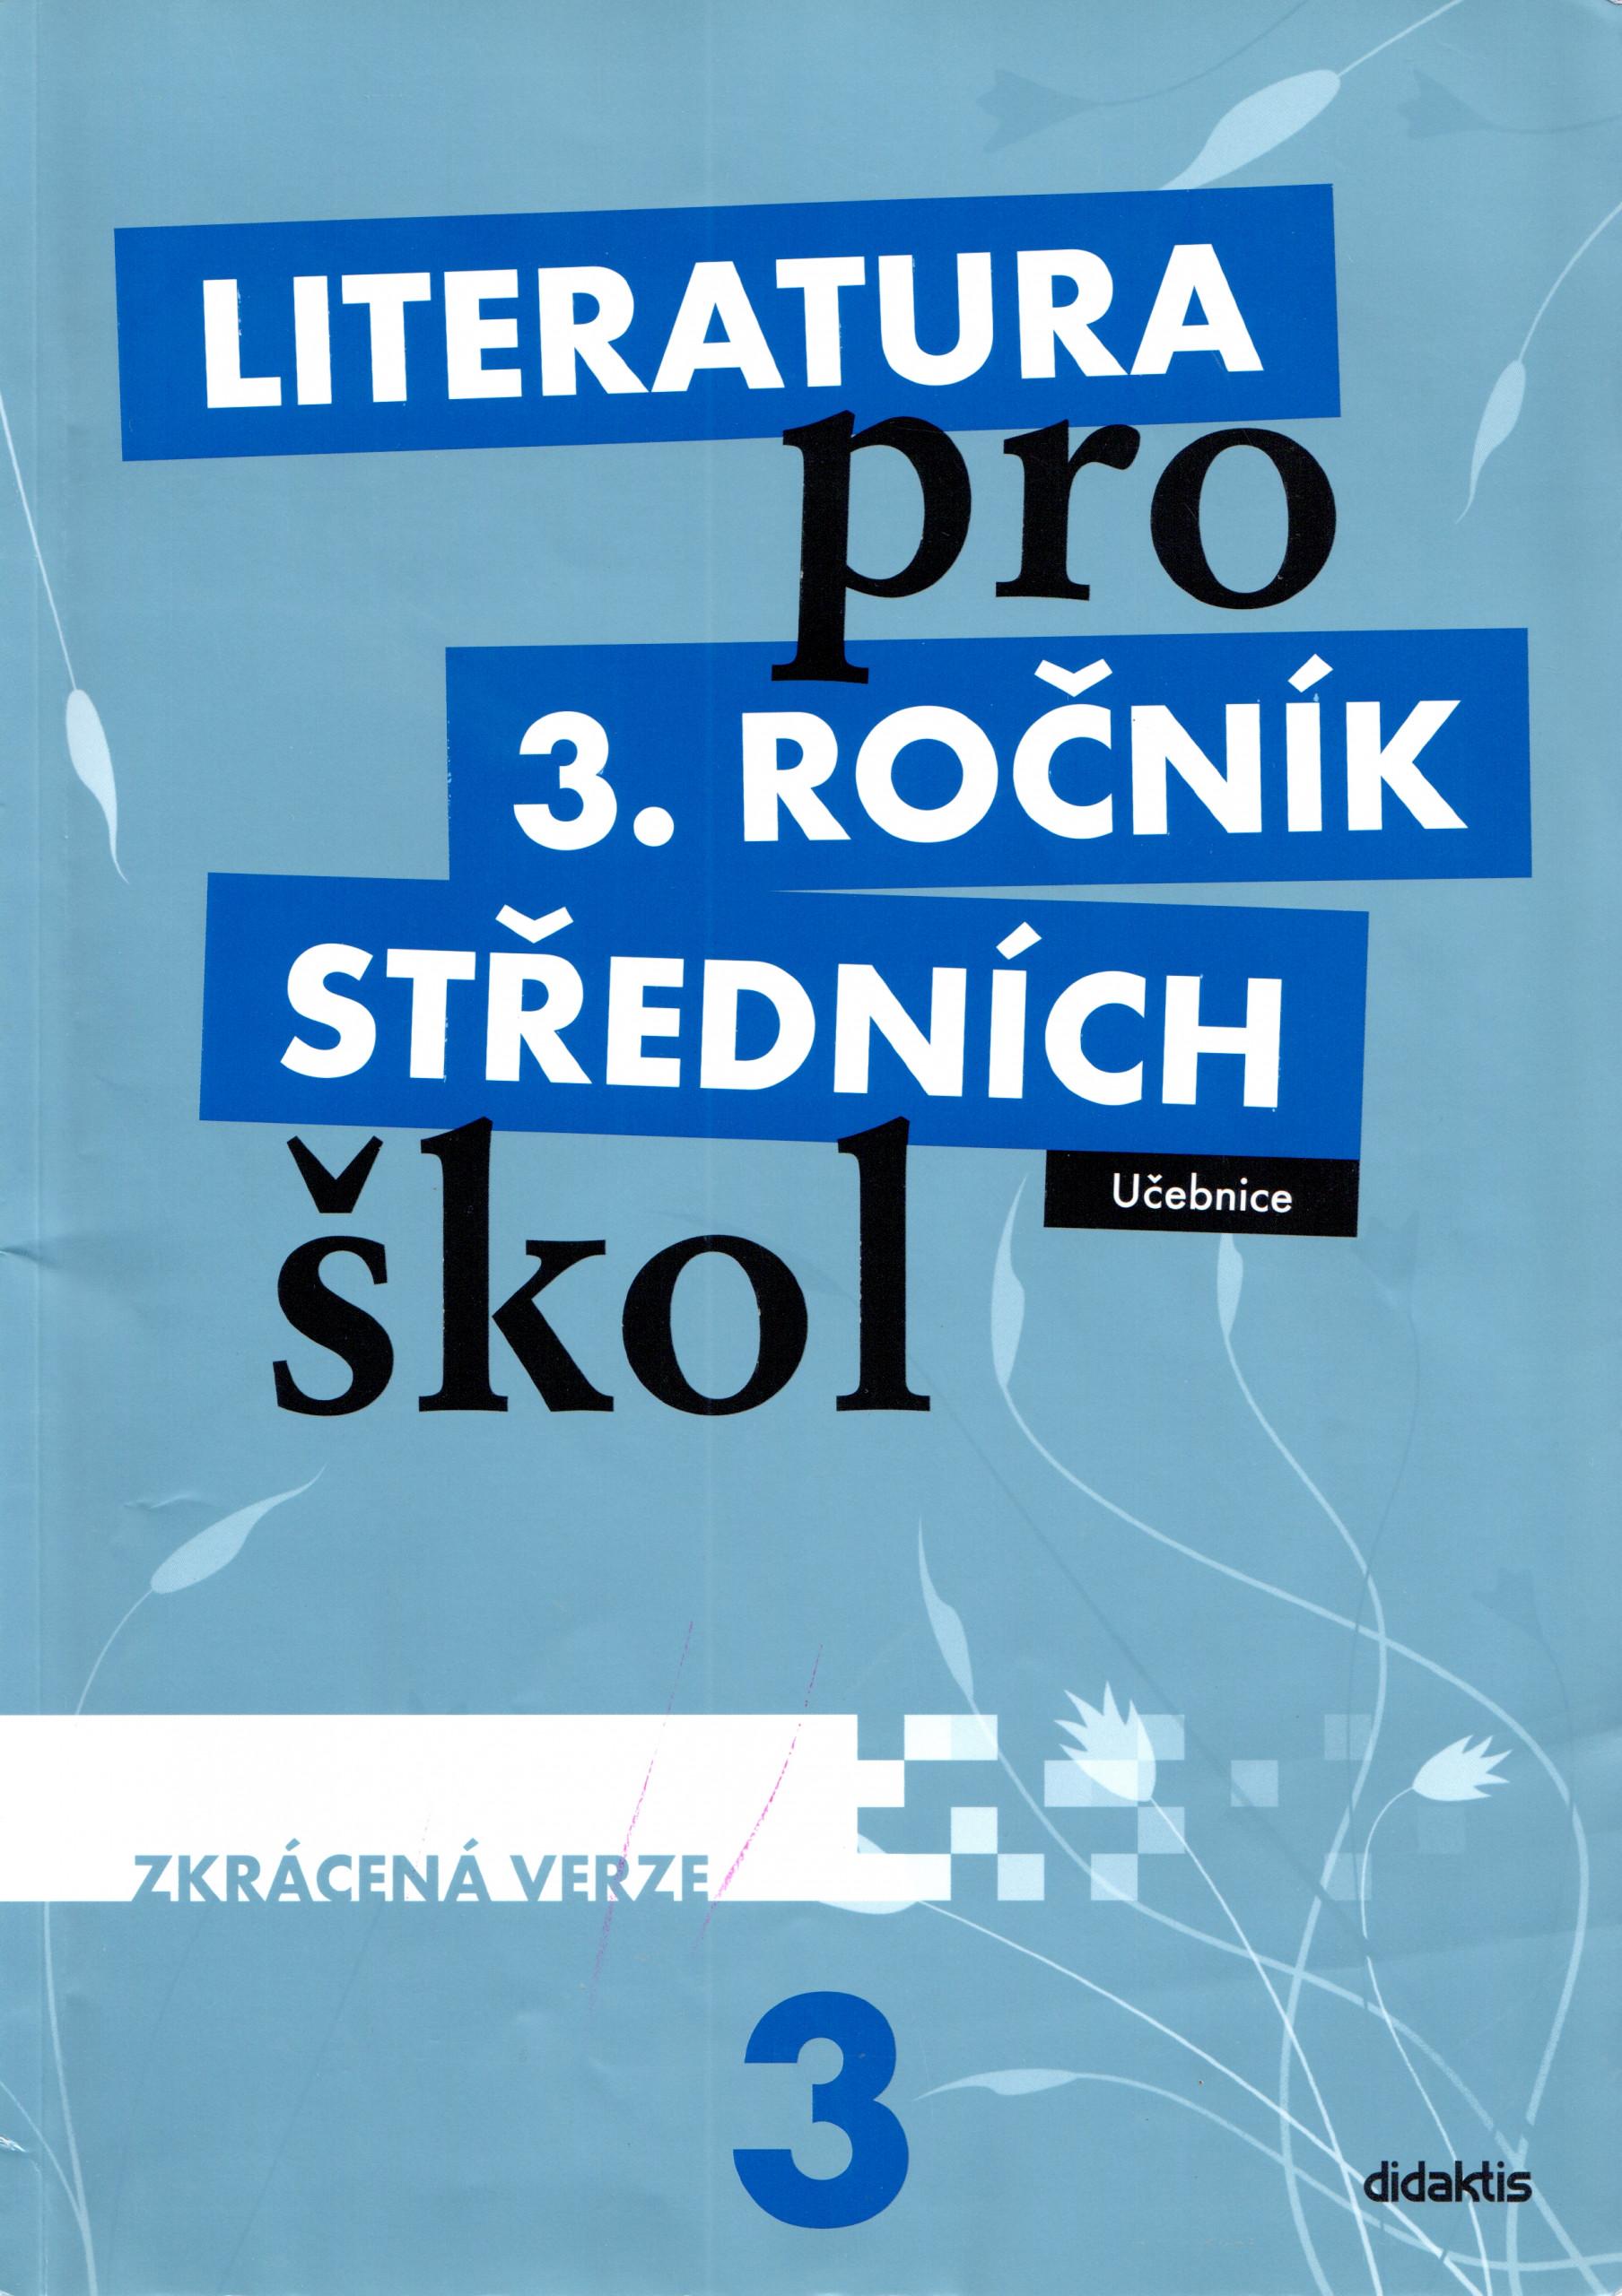 Literatura pro 3. ročník středních škol (zkrácená učebnice) - Náhled učebnice